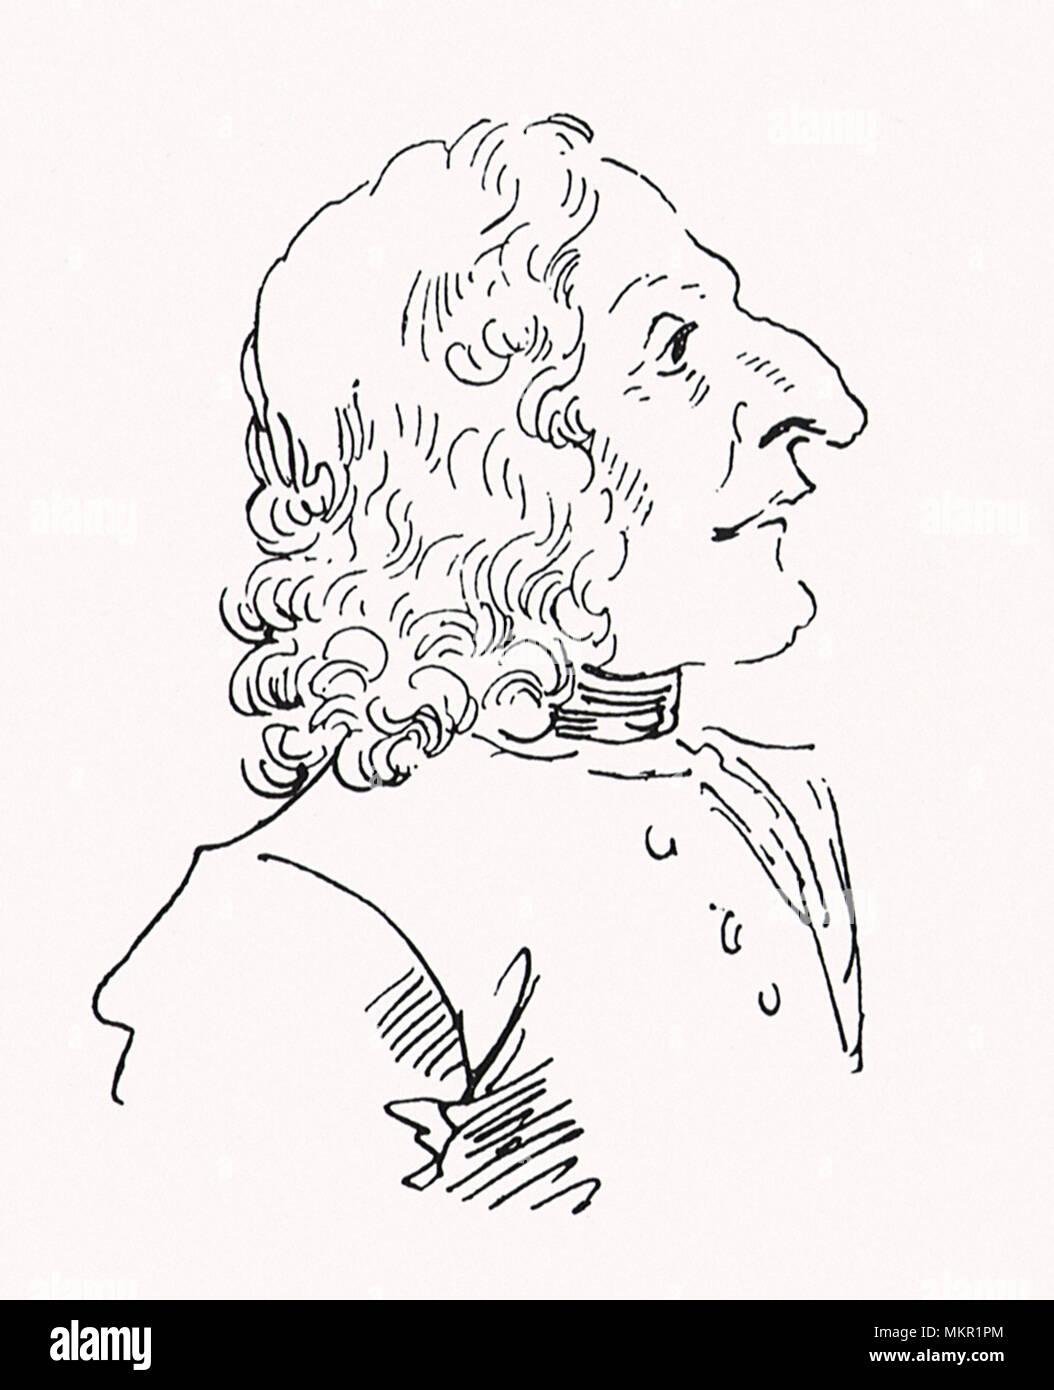 Antonio Vivaldi - Stock Image